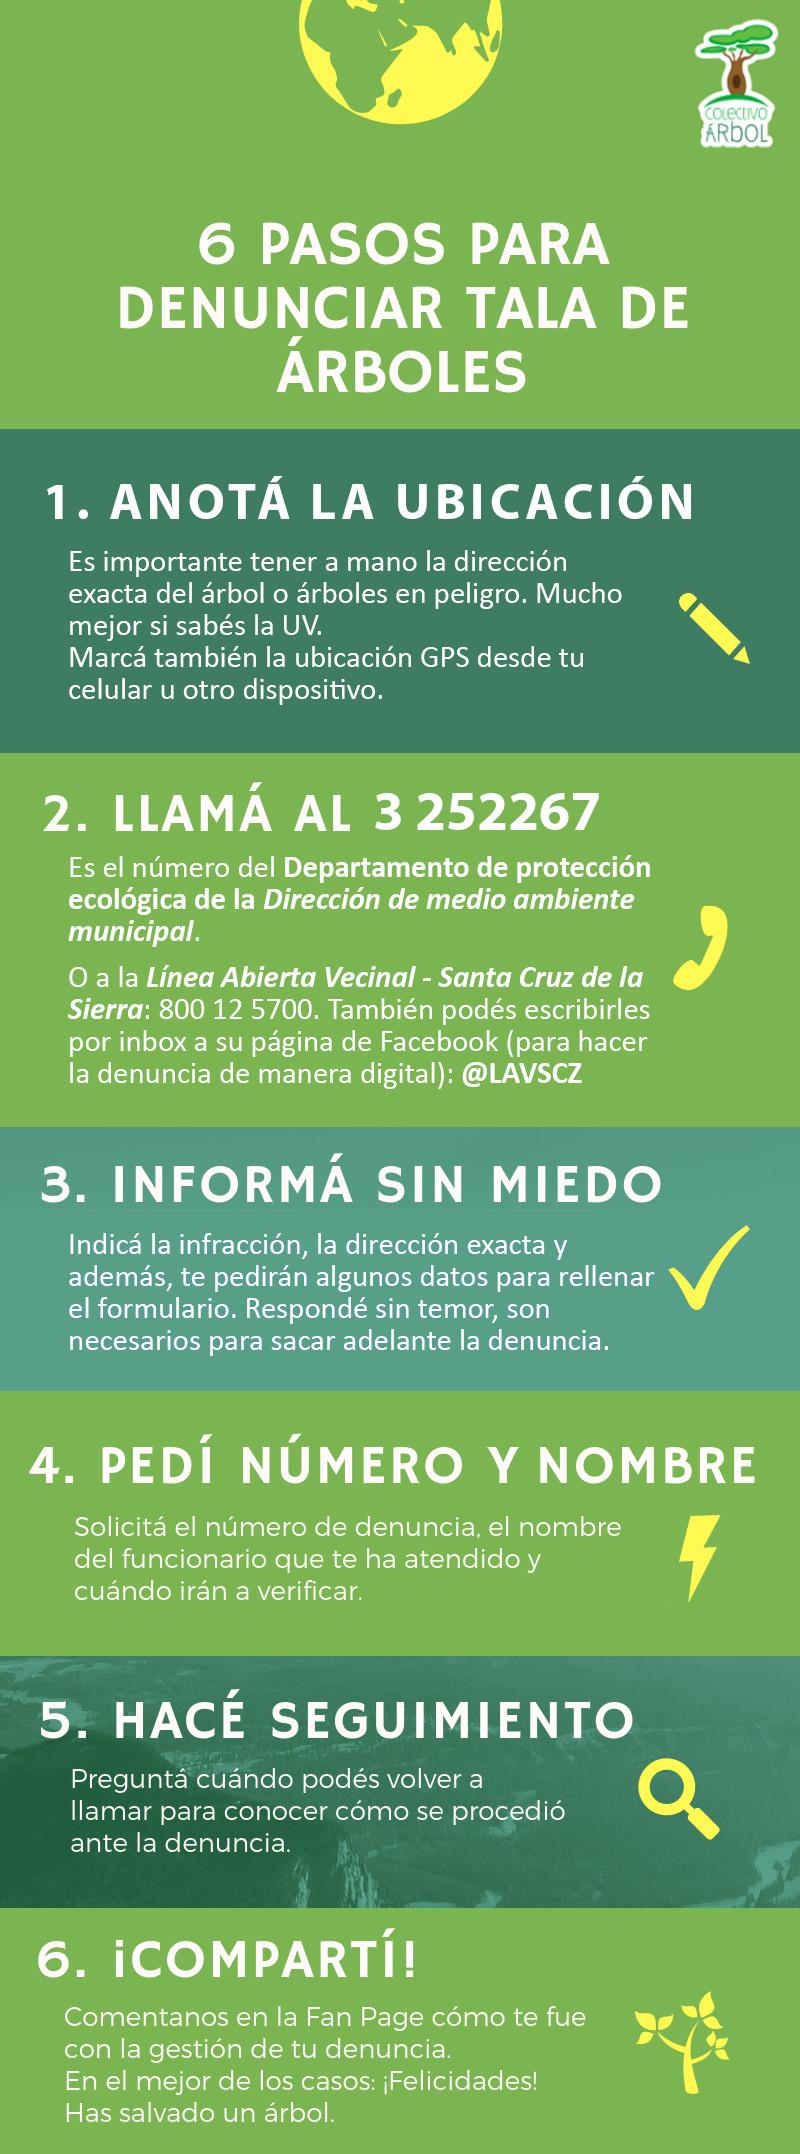 Cómo realizar denuncia de tala de árboles en Santa Cruz de la Sierra Bolivia